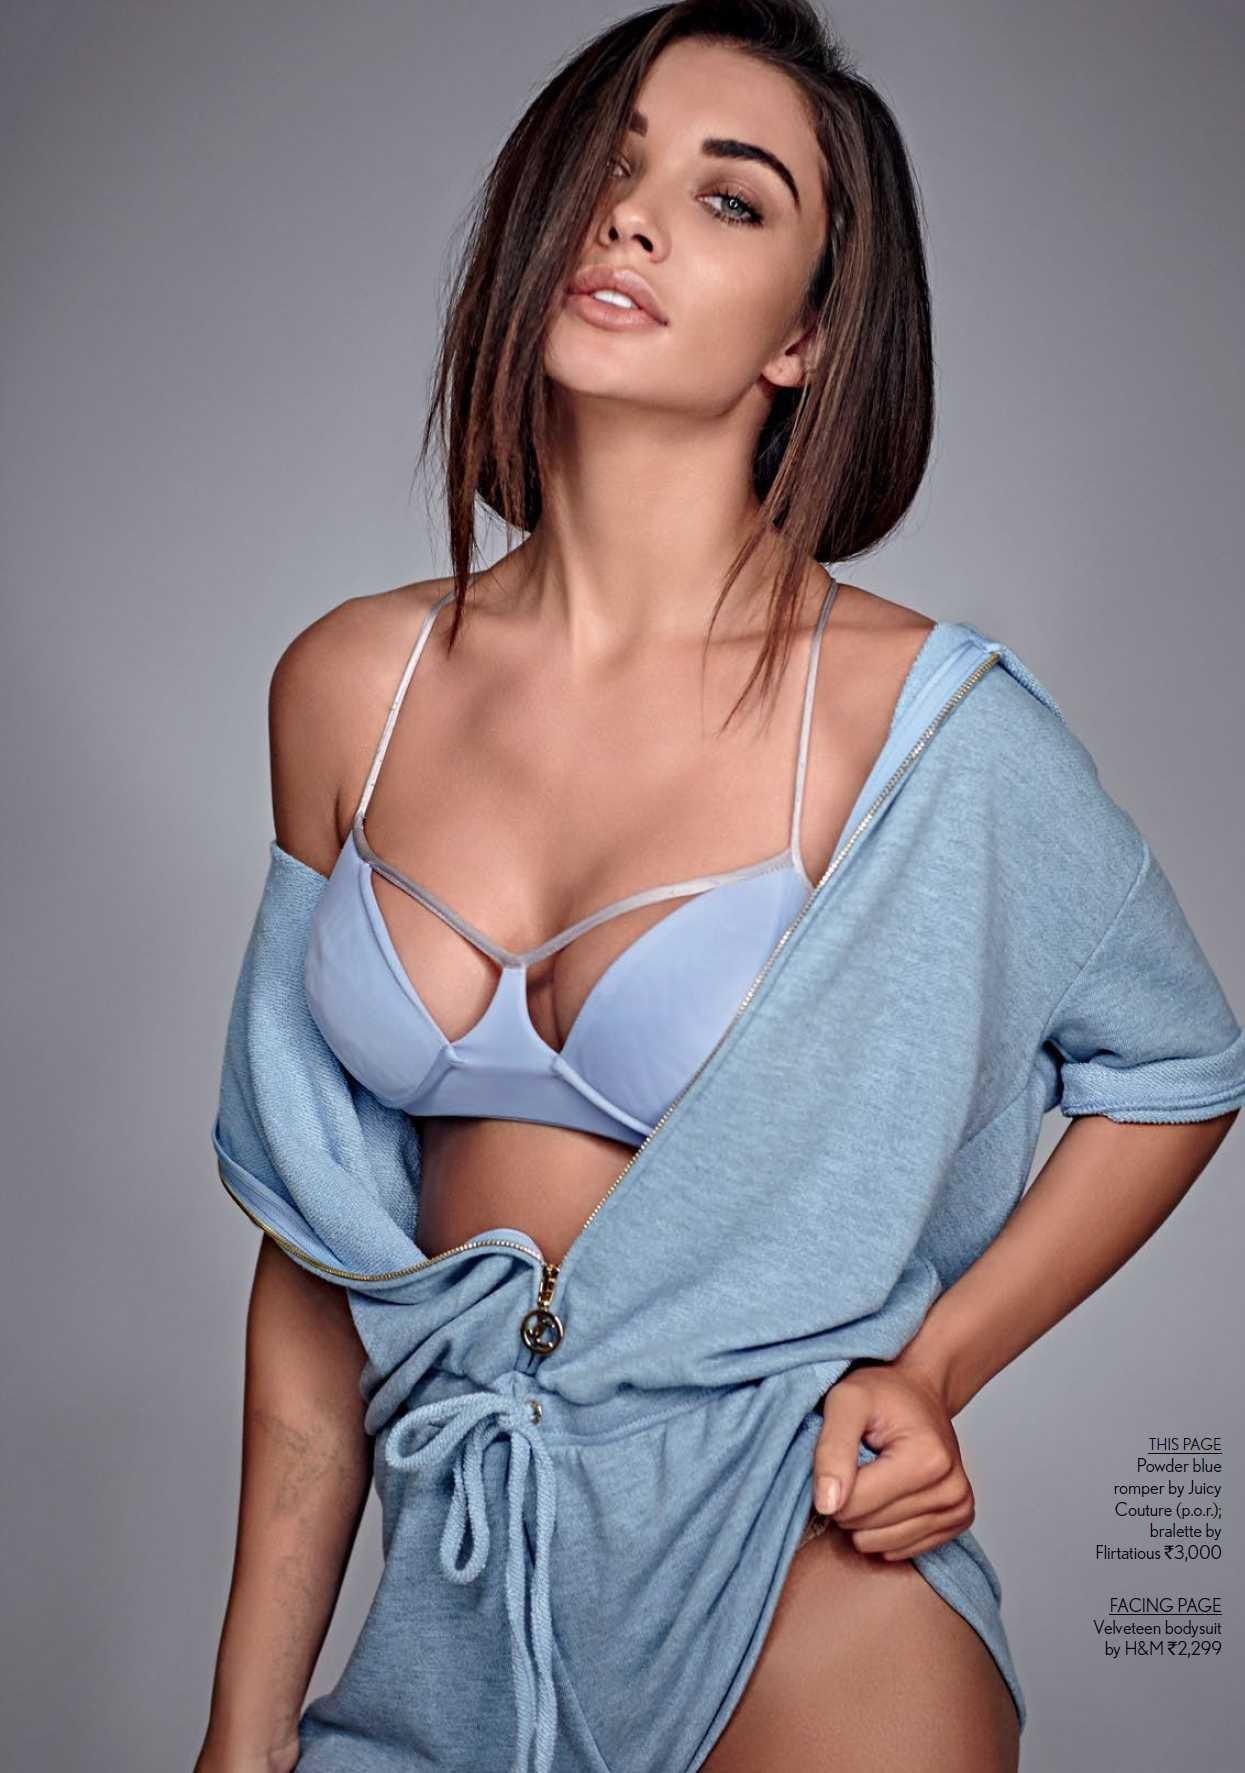 Amy Jackson Desnuda amy jackson - page 3 pictures, naked, oops, topless, bikini